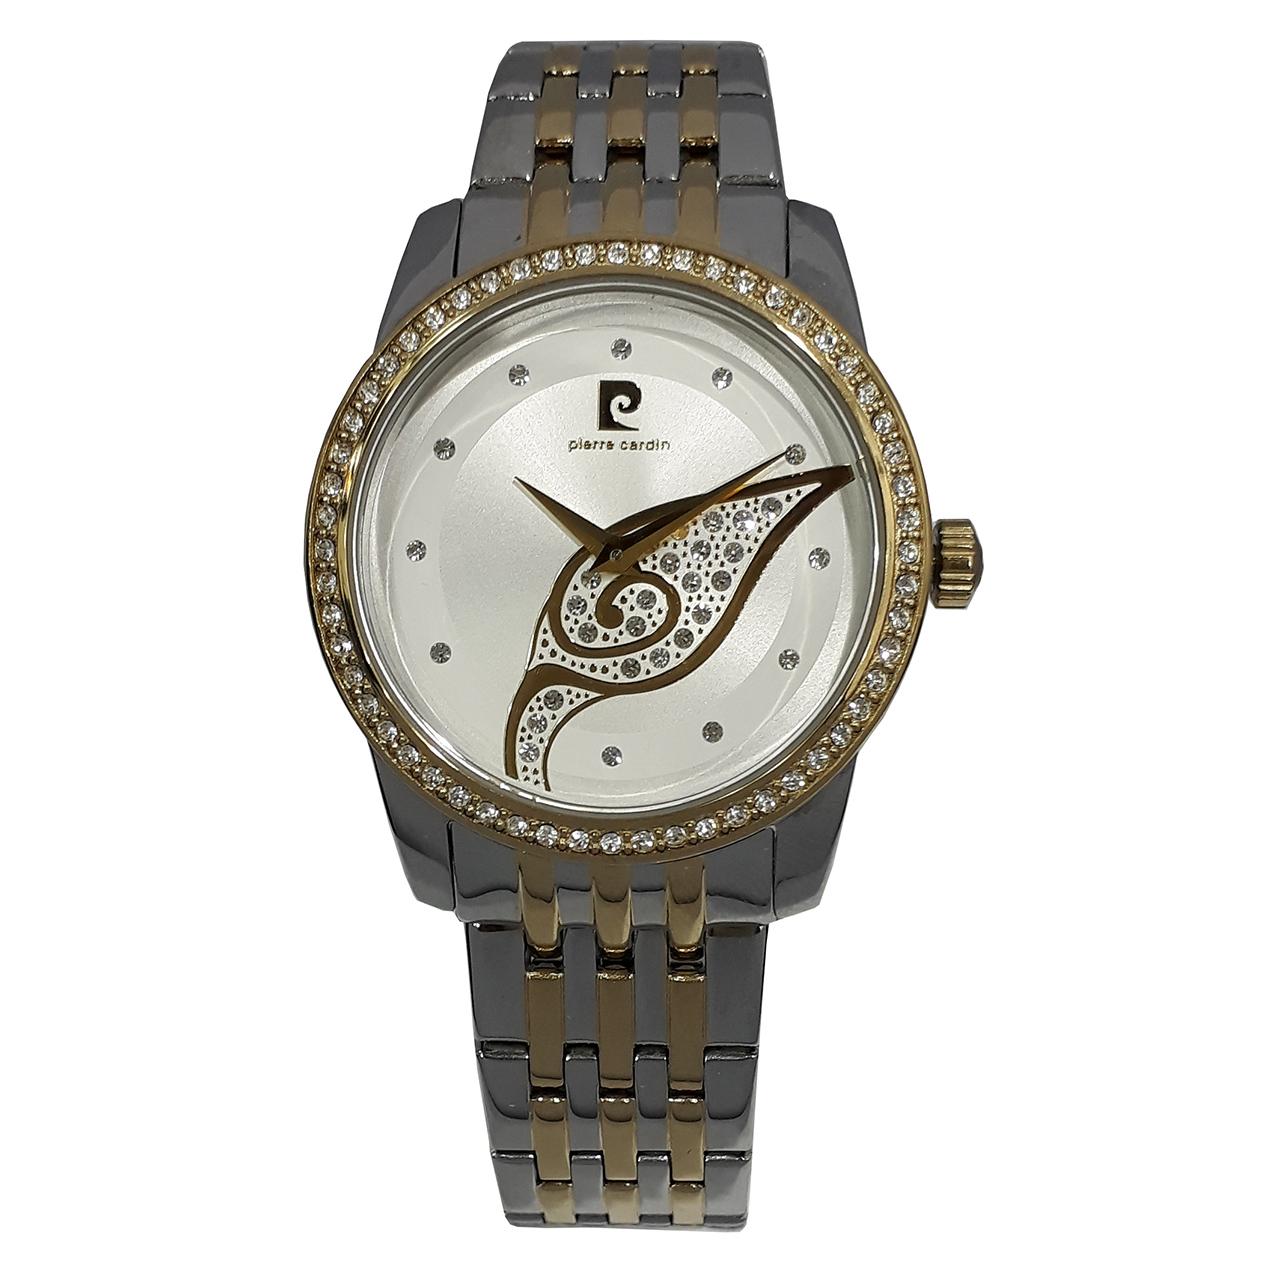 ساعت مچی عقربه ای زنانه پیر کاردین مدل PC106172F20